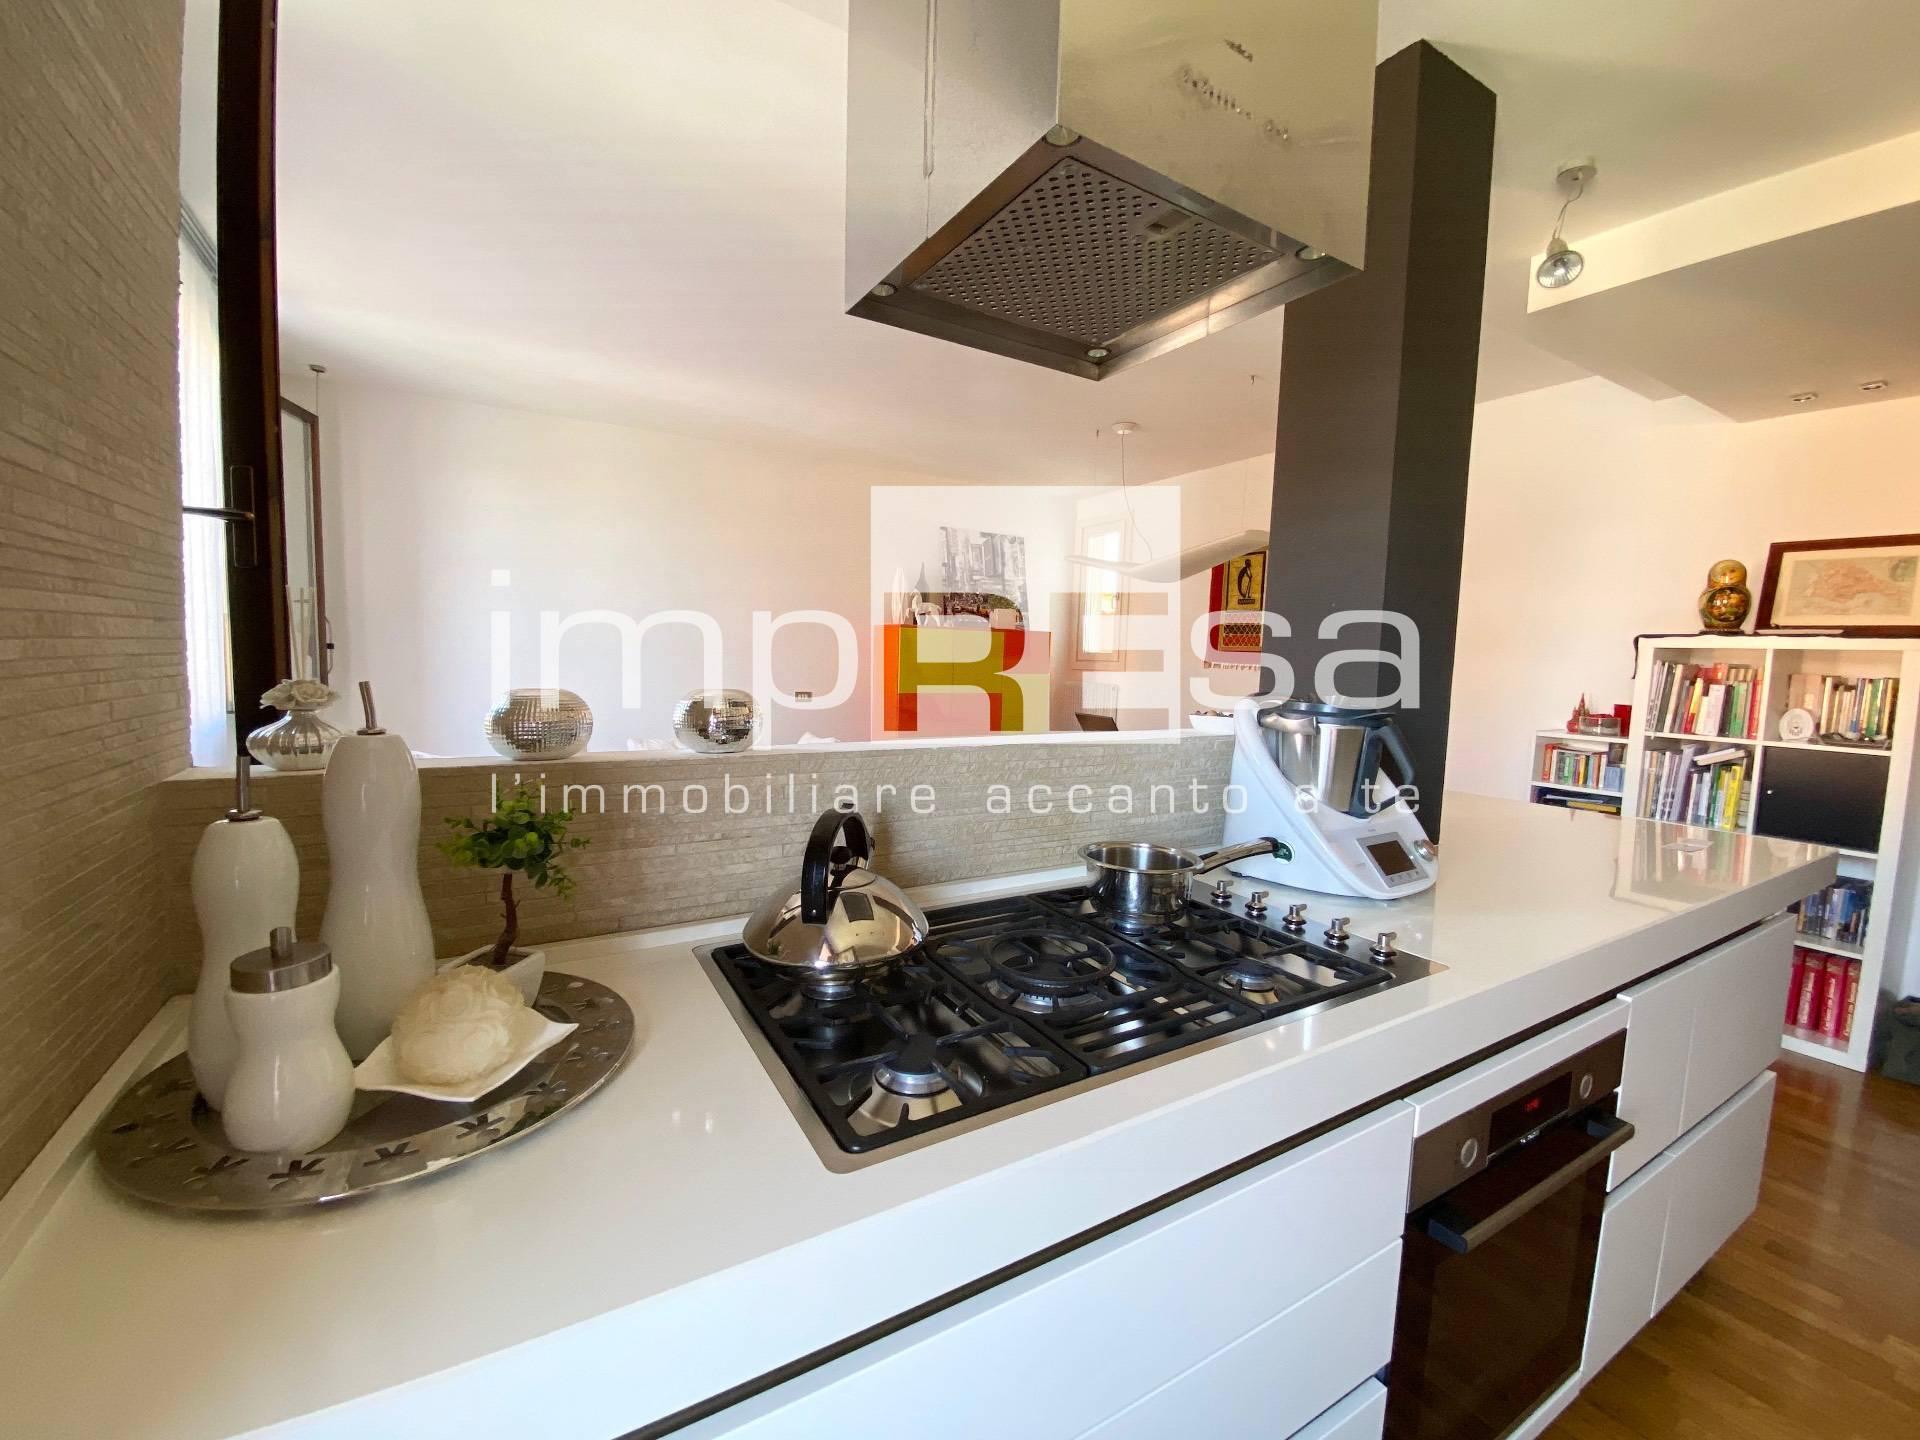 Appartamento in vendita a Spresiano, 6 locali, zona Località: Centro, prezzo € 127.000 | CambioCasa.it